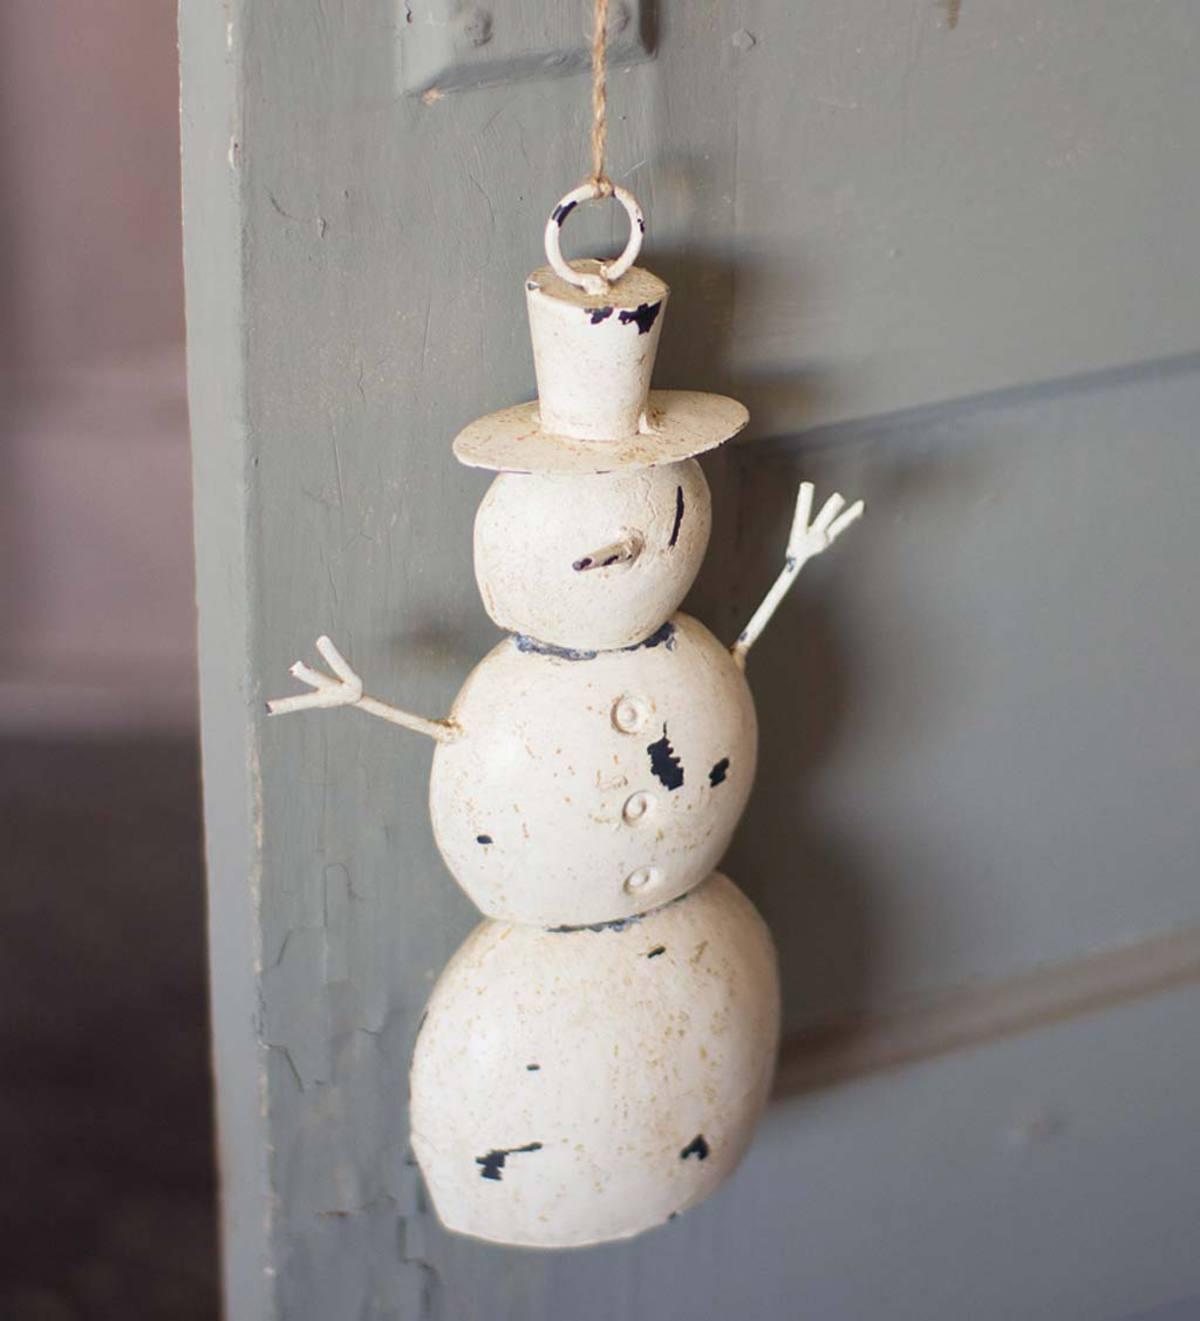 Iron Snowman Door Hanger for $10.97! (Use code ALBRADS79)